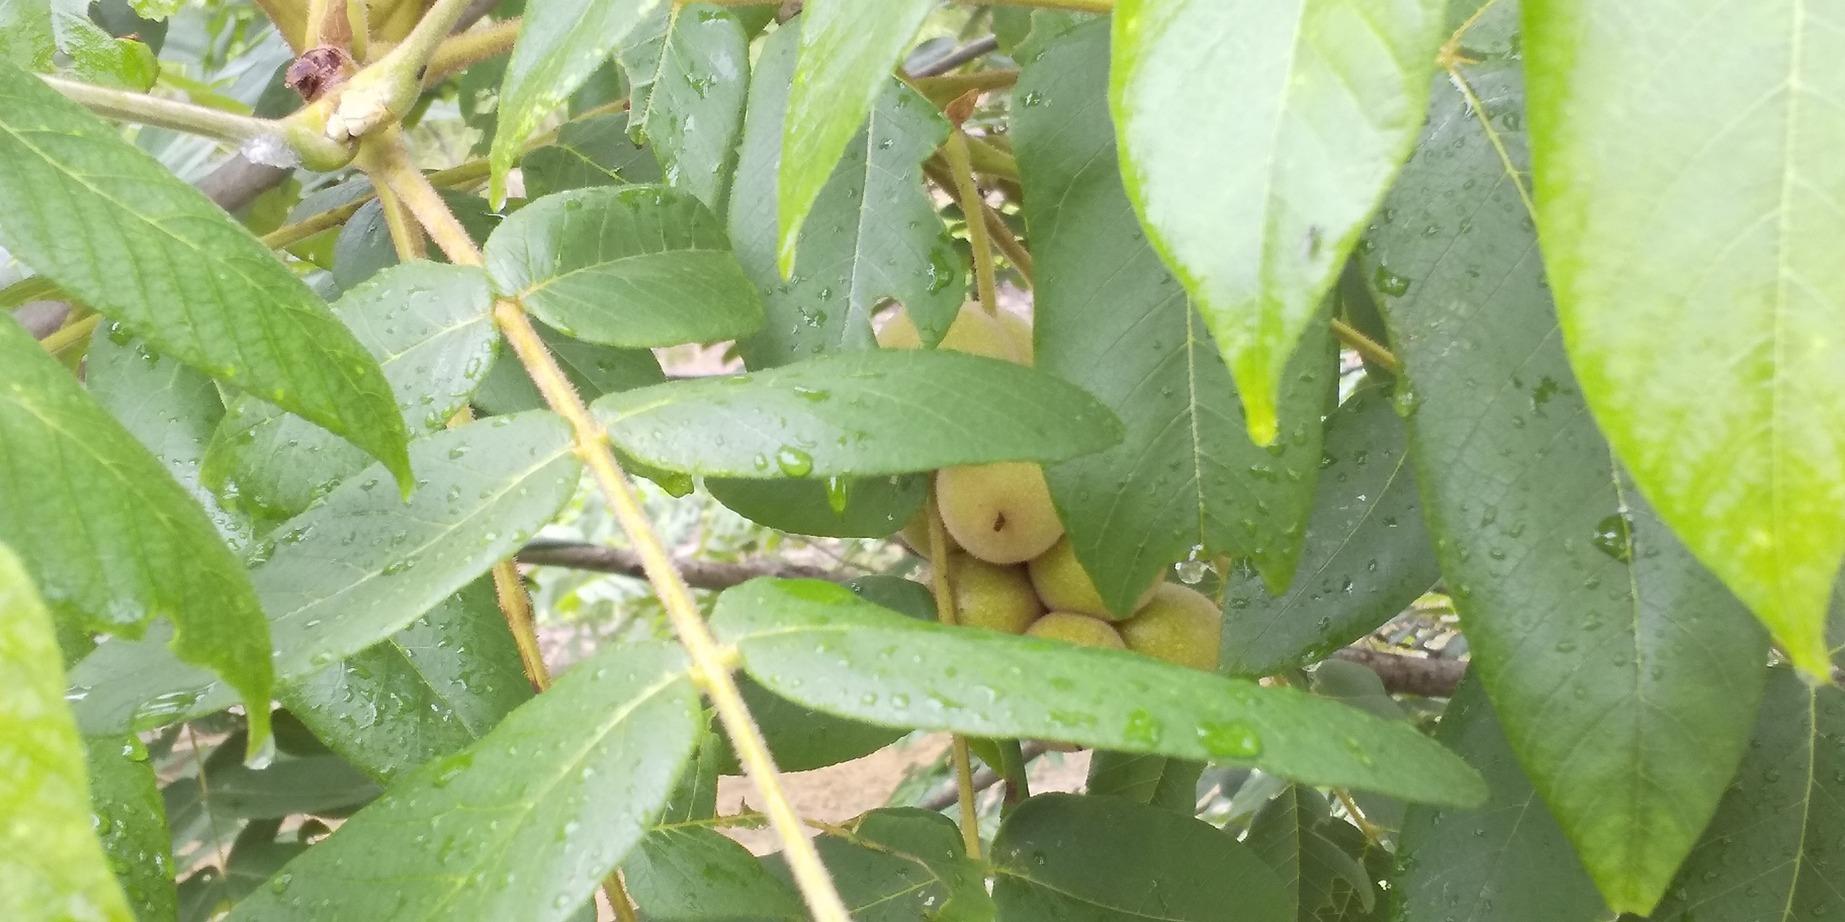 🌂 季節の移ろいが、いっぱい 😊 まちかどカフェ🎤 合歓木 クルミ 紫陽花 川の流れと共に 🌂_f0061067_22320874.jpg